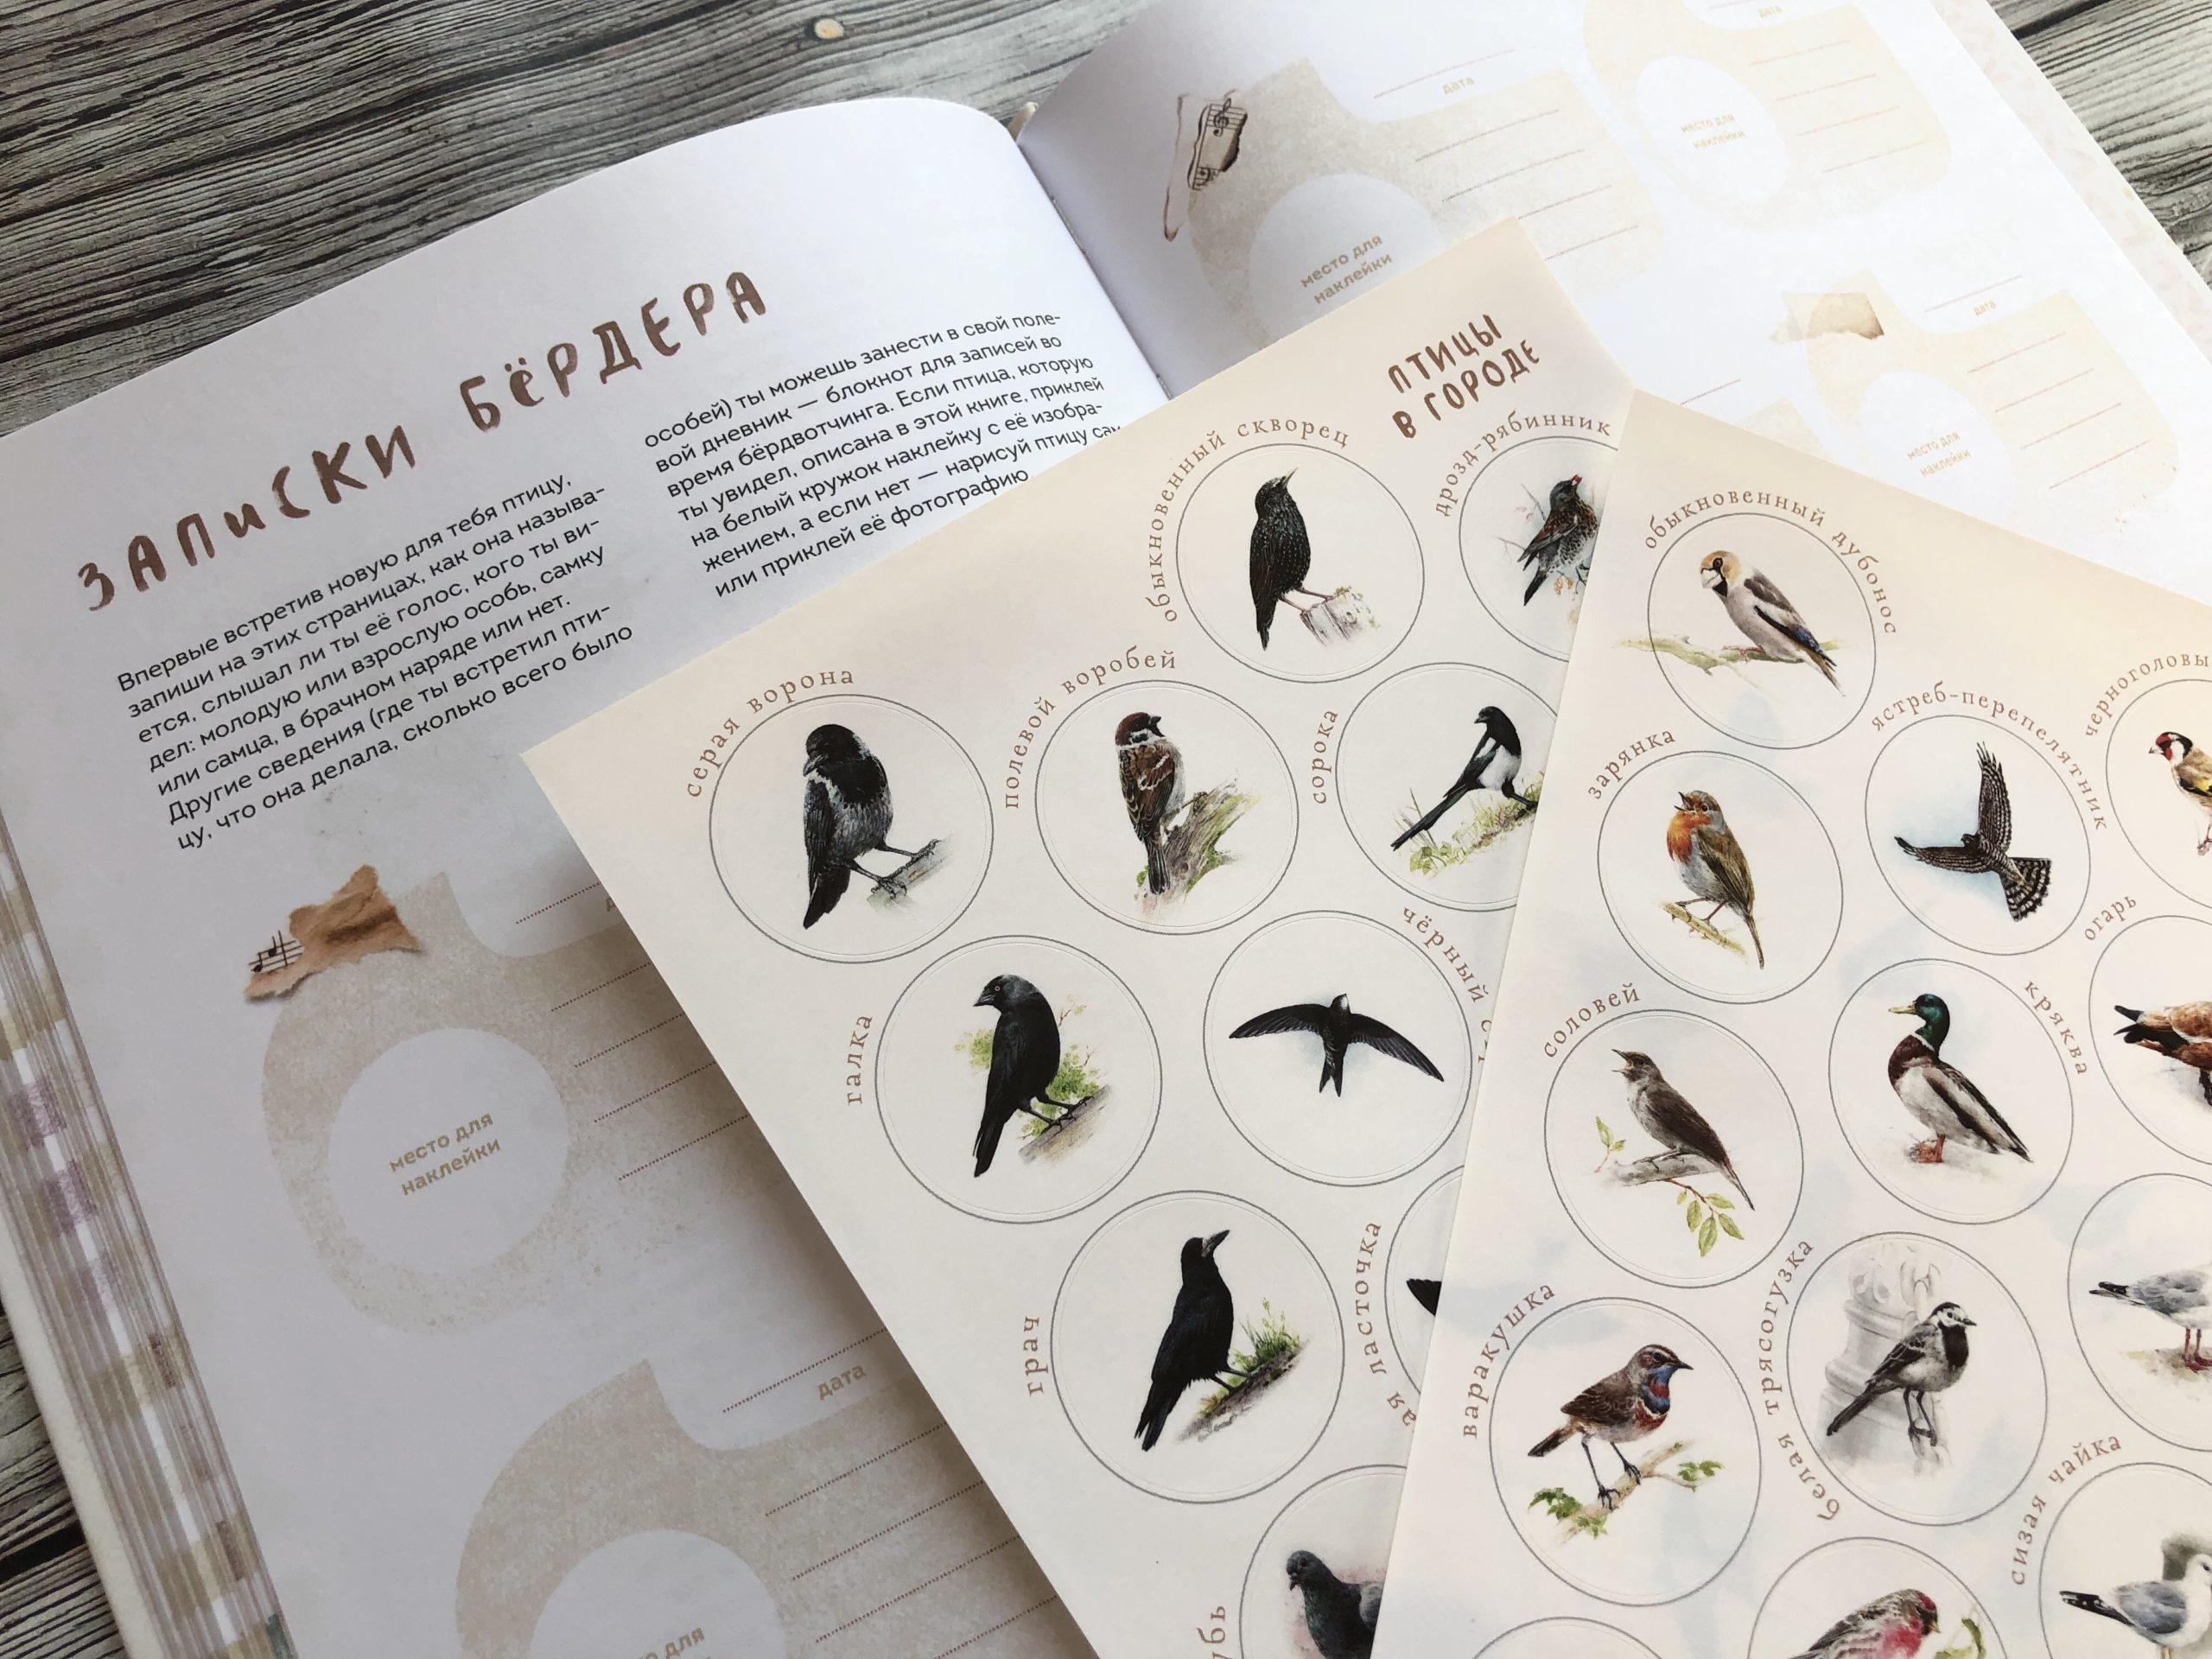 Очень красивая и полезная книга о птицах для детей - Птицы в городе 17